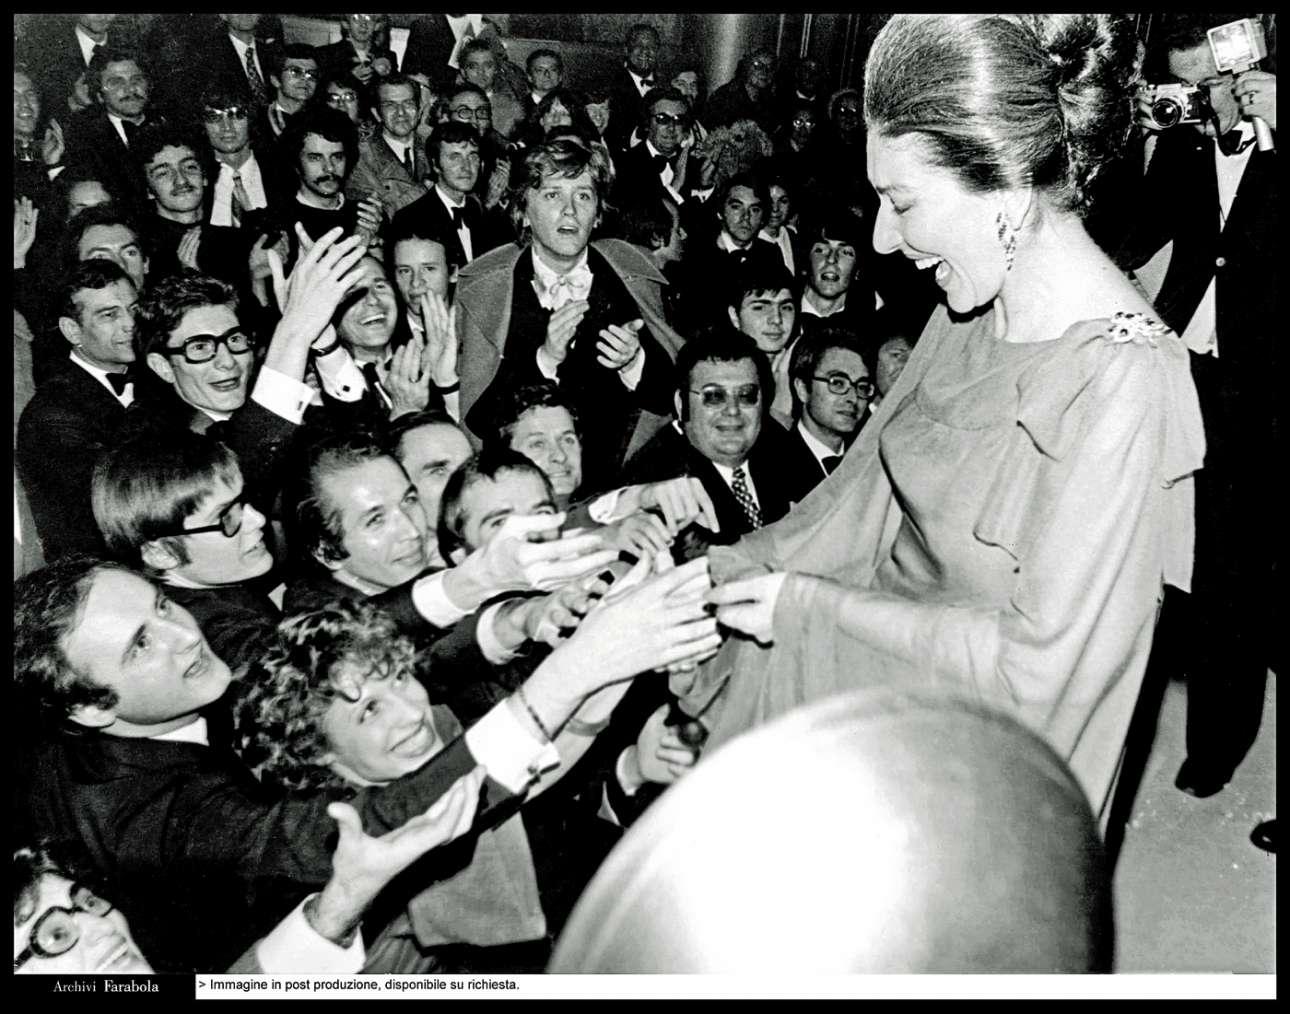 Αποθεώνεται στο Θέατρο των Ηλυσίων Πεδίων, στο Παρίσι, το 1973. Ανάμεσα στο κοινό διακρίνεται ο Ιβ Σεν Λοράν που χειροκροτάει